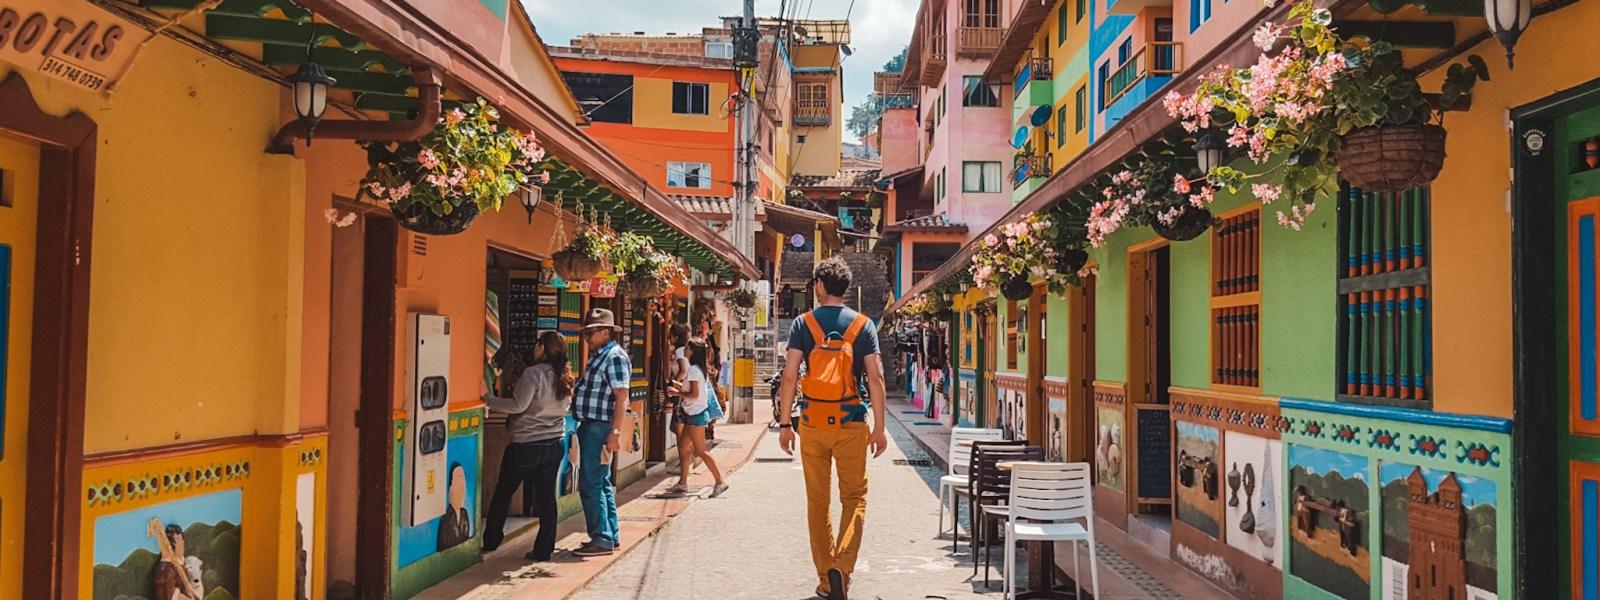 Bezoek kleurrijk Guatapé in Colombia